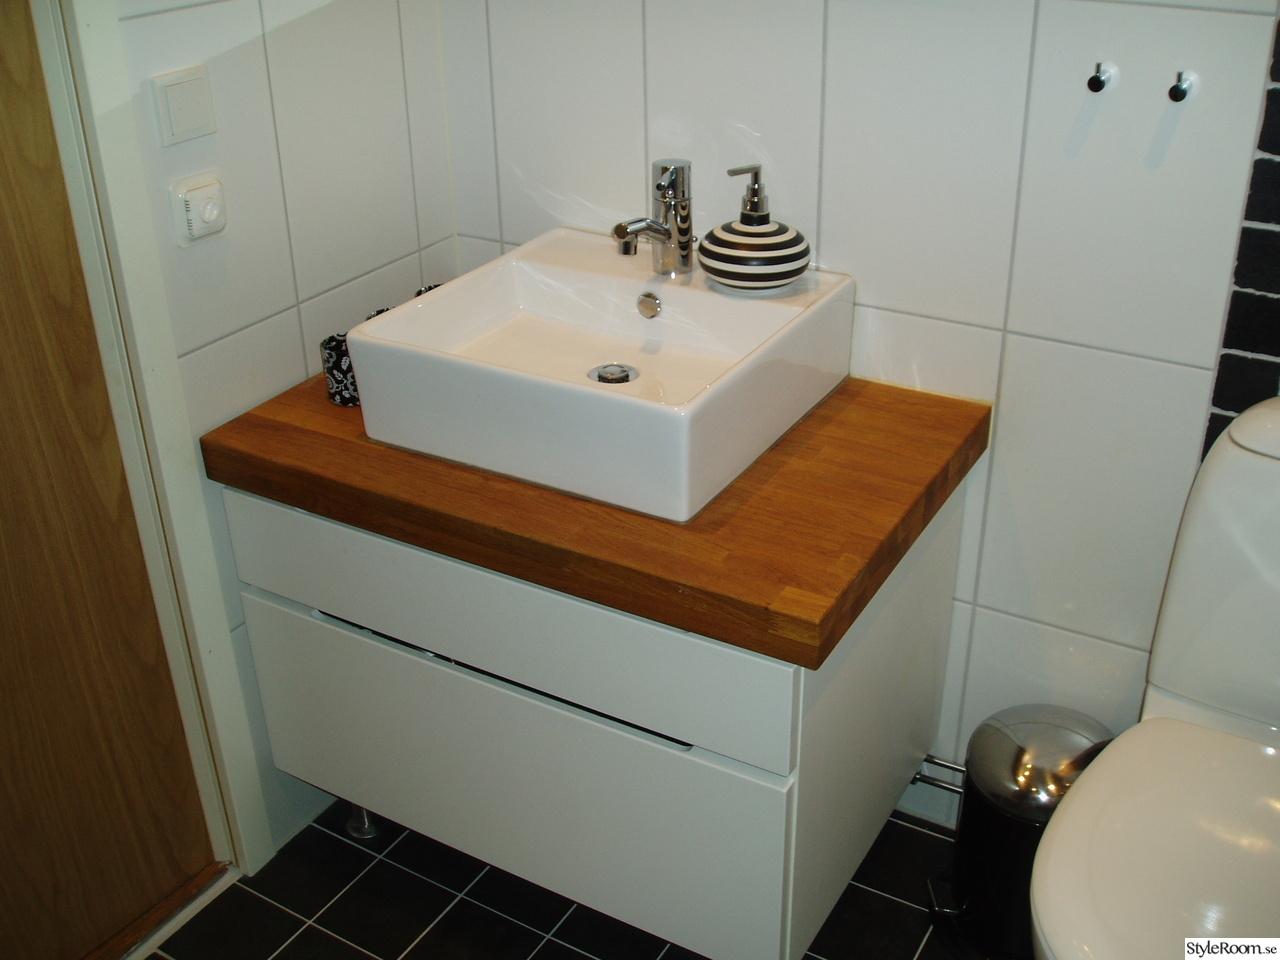 Tvättstuga & badrum   inspiration och idéer till ditt hem